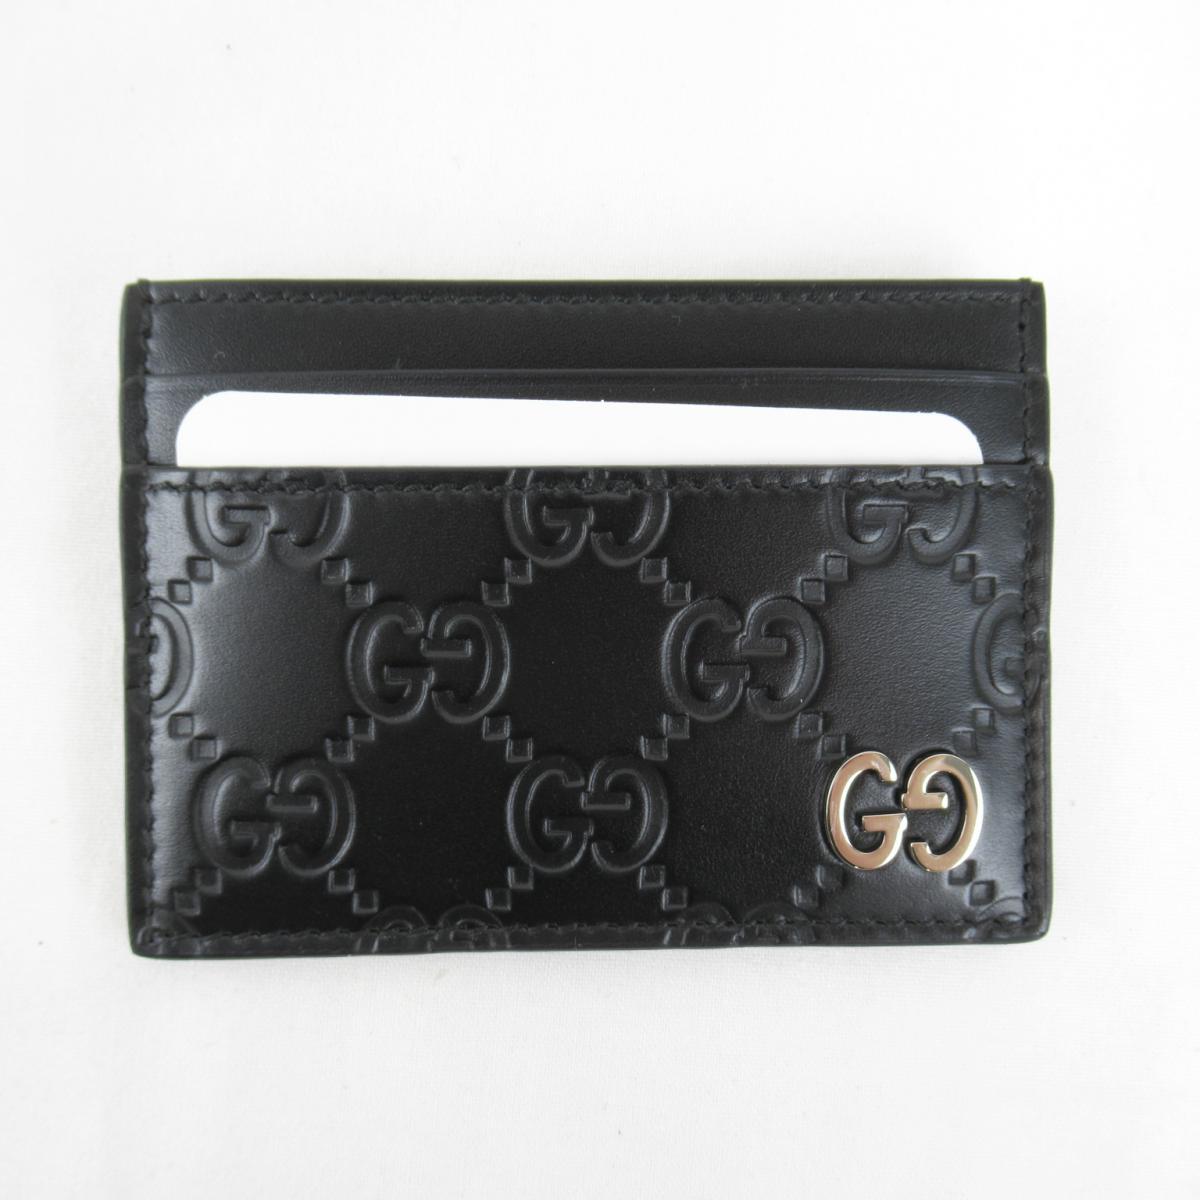 グッチ SLG グッチシマ カードケース メンズ レディース ブラック (473927CWC1N1000)   GUCCI BRANDOFF ブランドオフ ブランド ブランド雑貨 小物 雑貨 名刺入れ 名刺 カード ケース